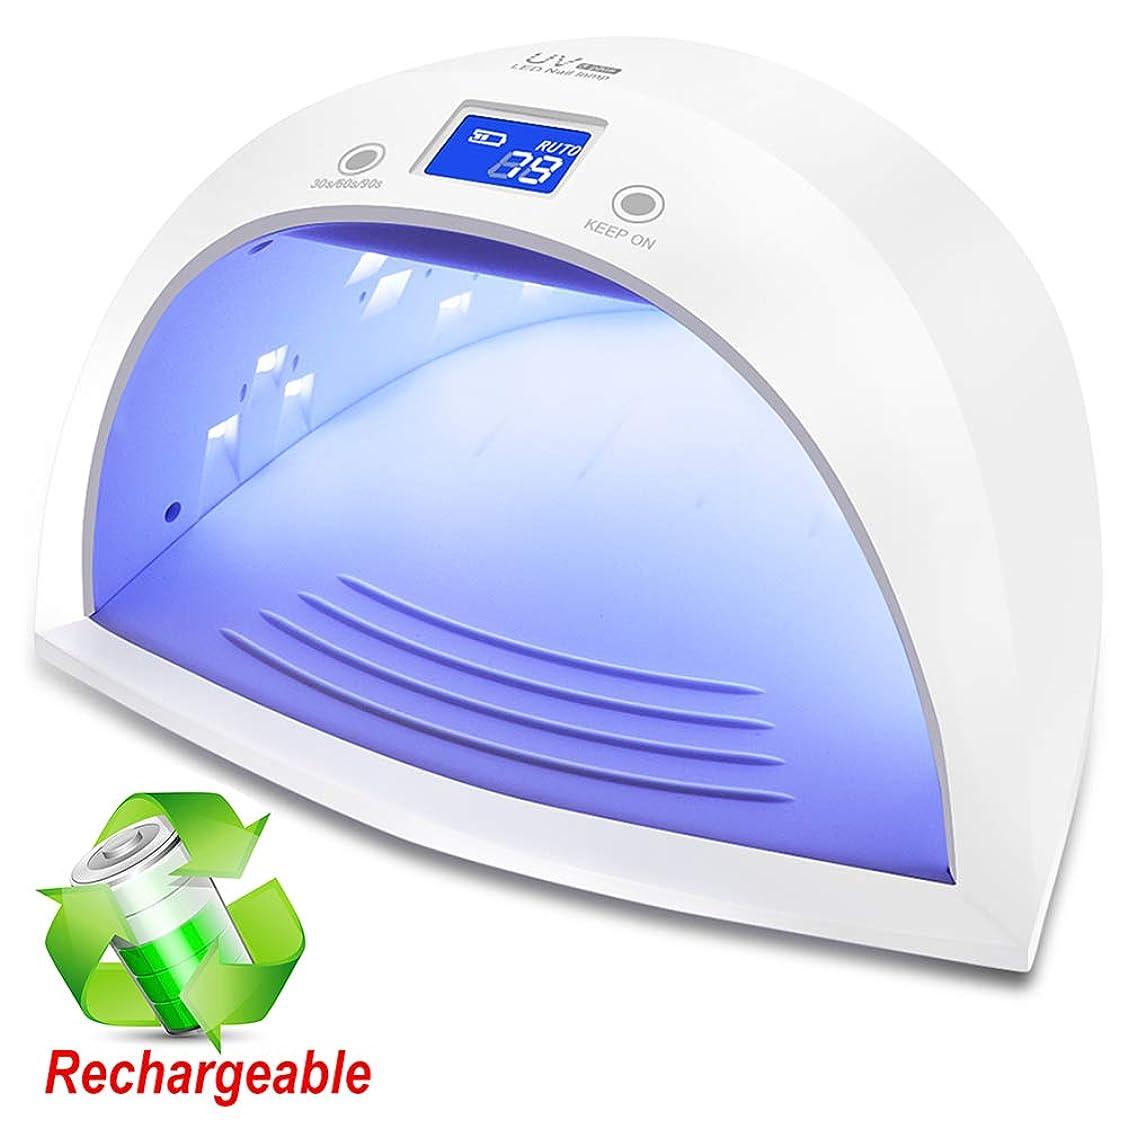 国シーンアナログ60W プロフェッショナル UV LED ジェルネイルライトポリッシュ硬化乾燥機インテリジェント自動センサー3タイマー設定 30/60/90 ホワイト